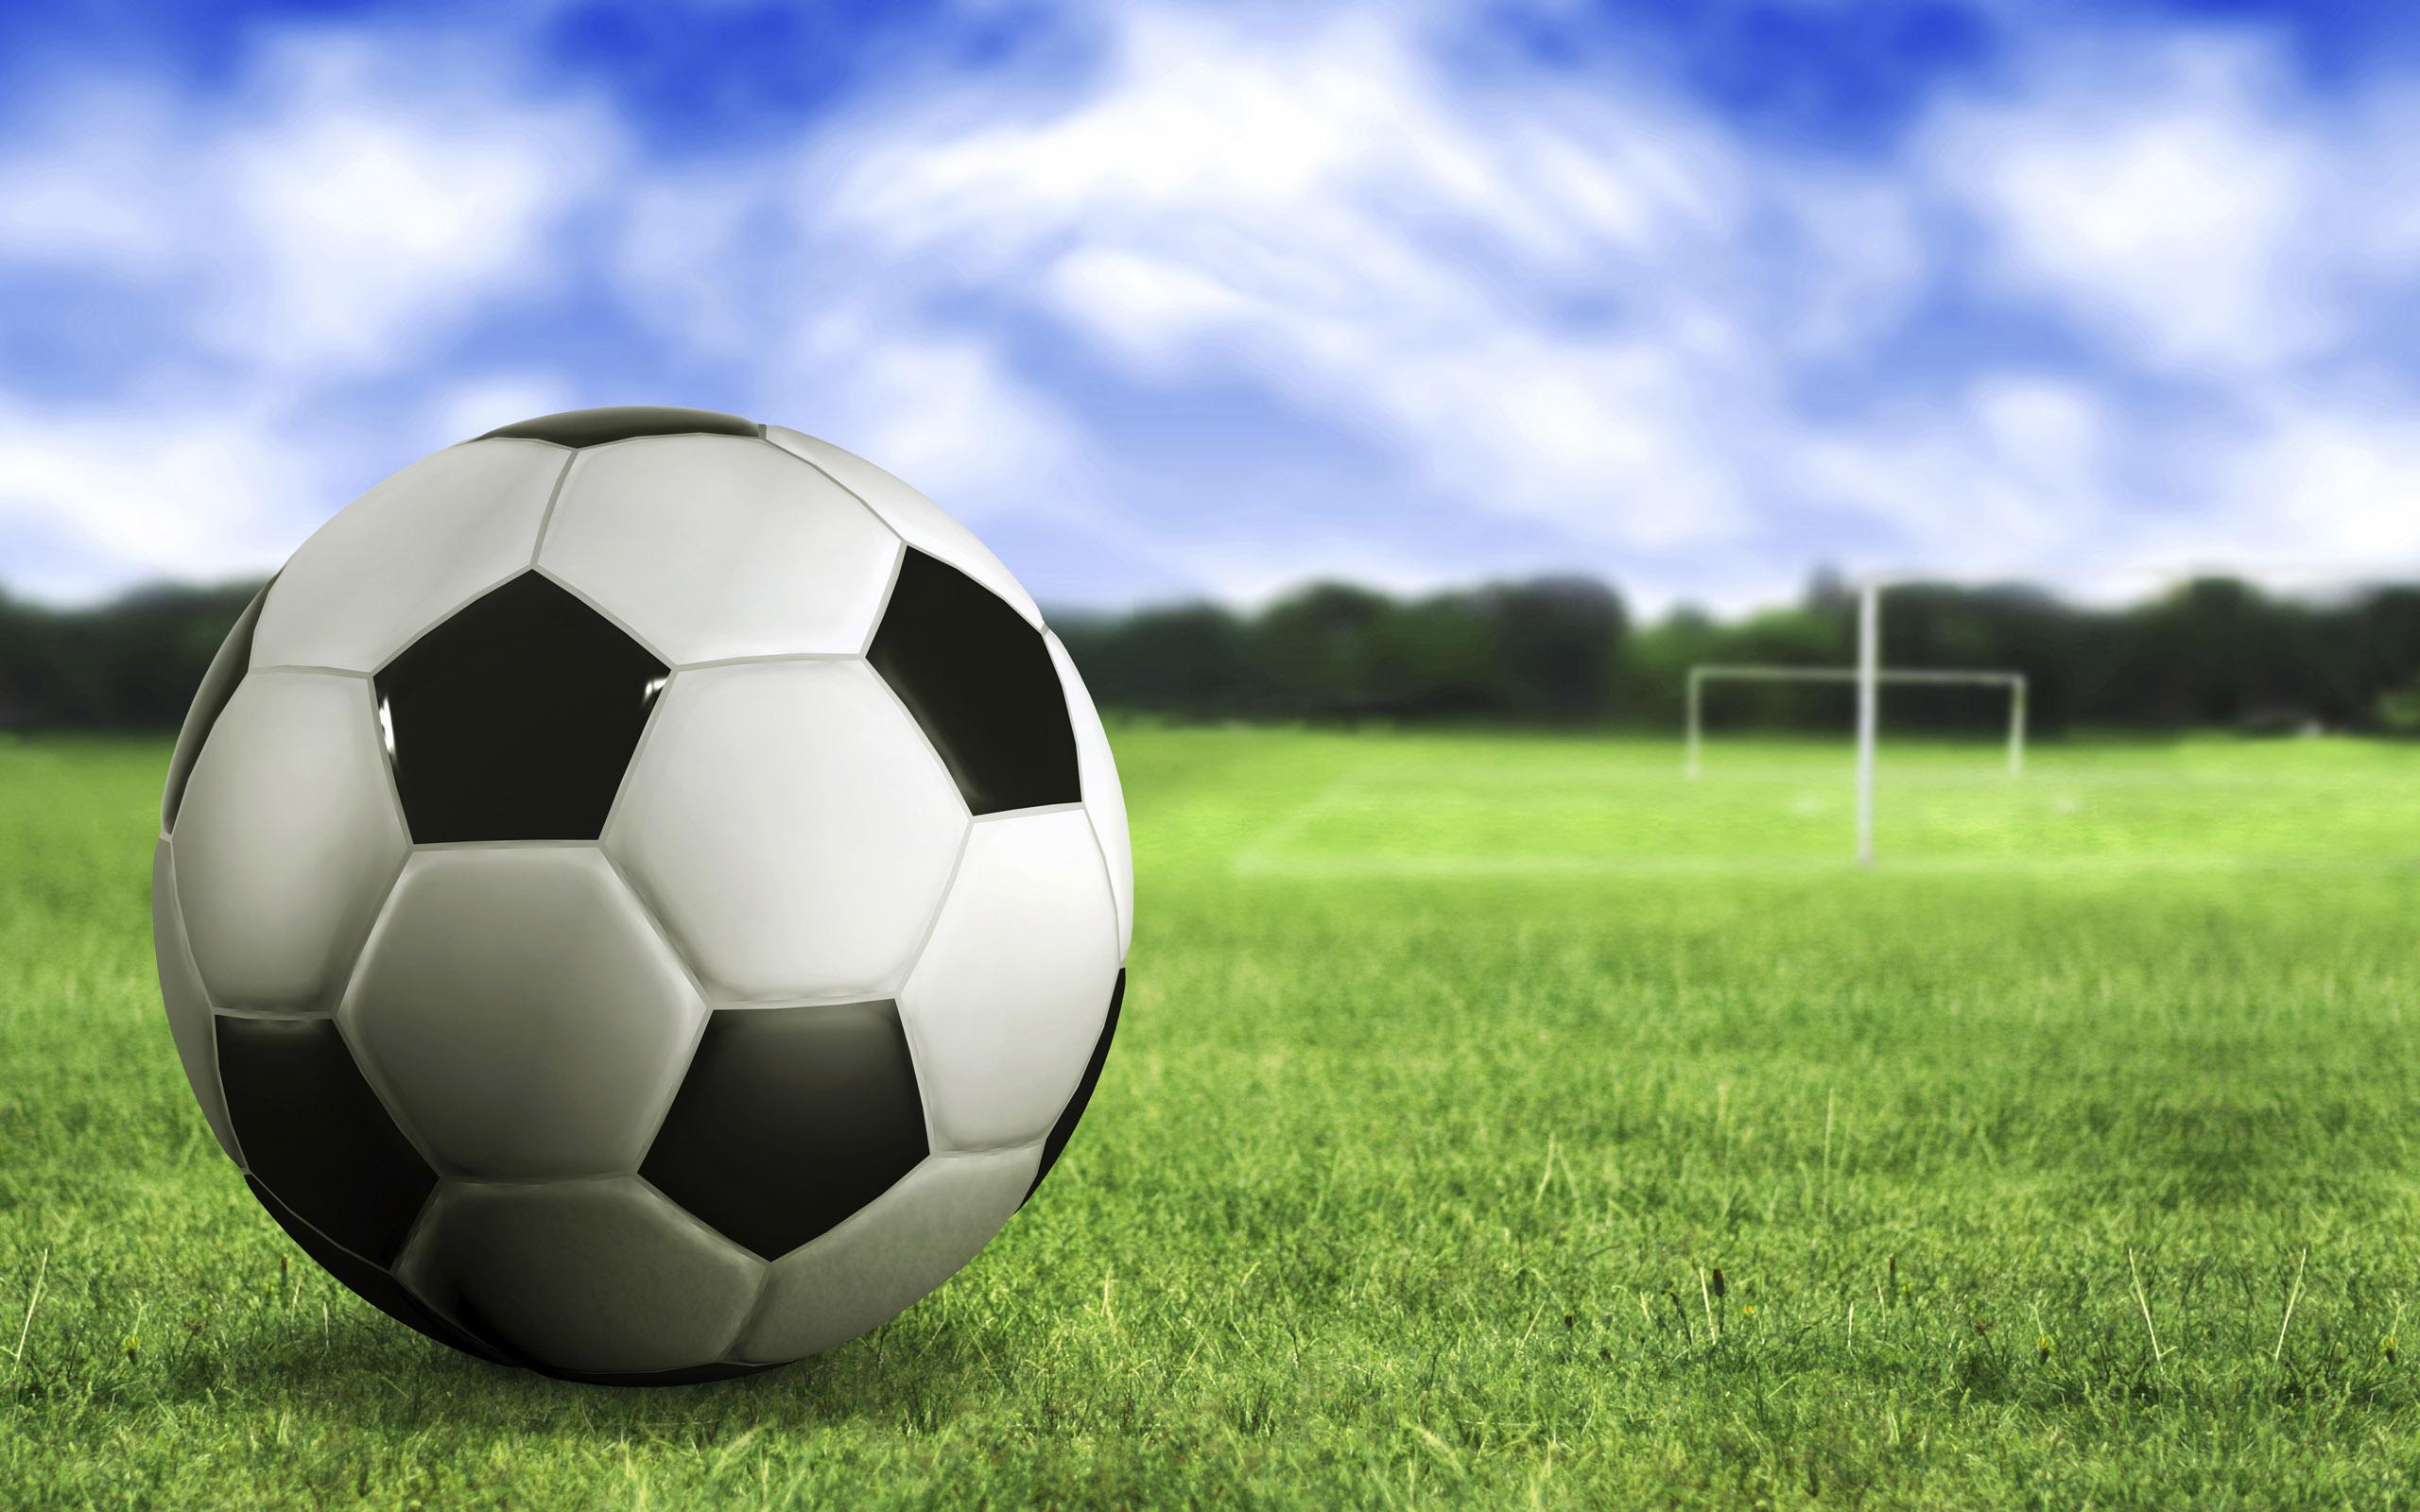 футбол подборка картинка для кого